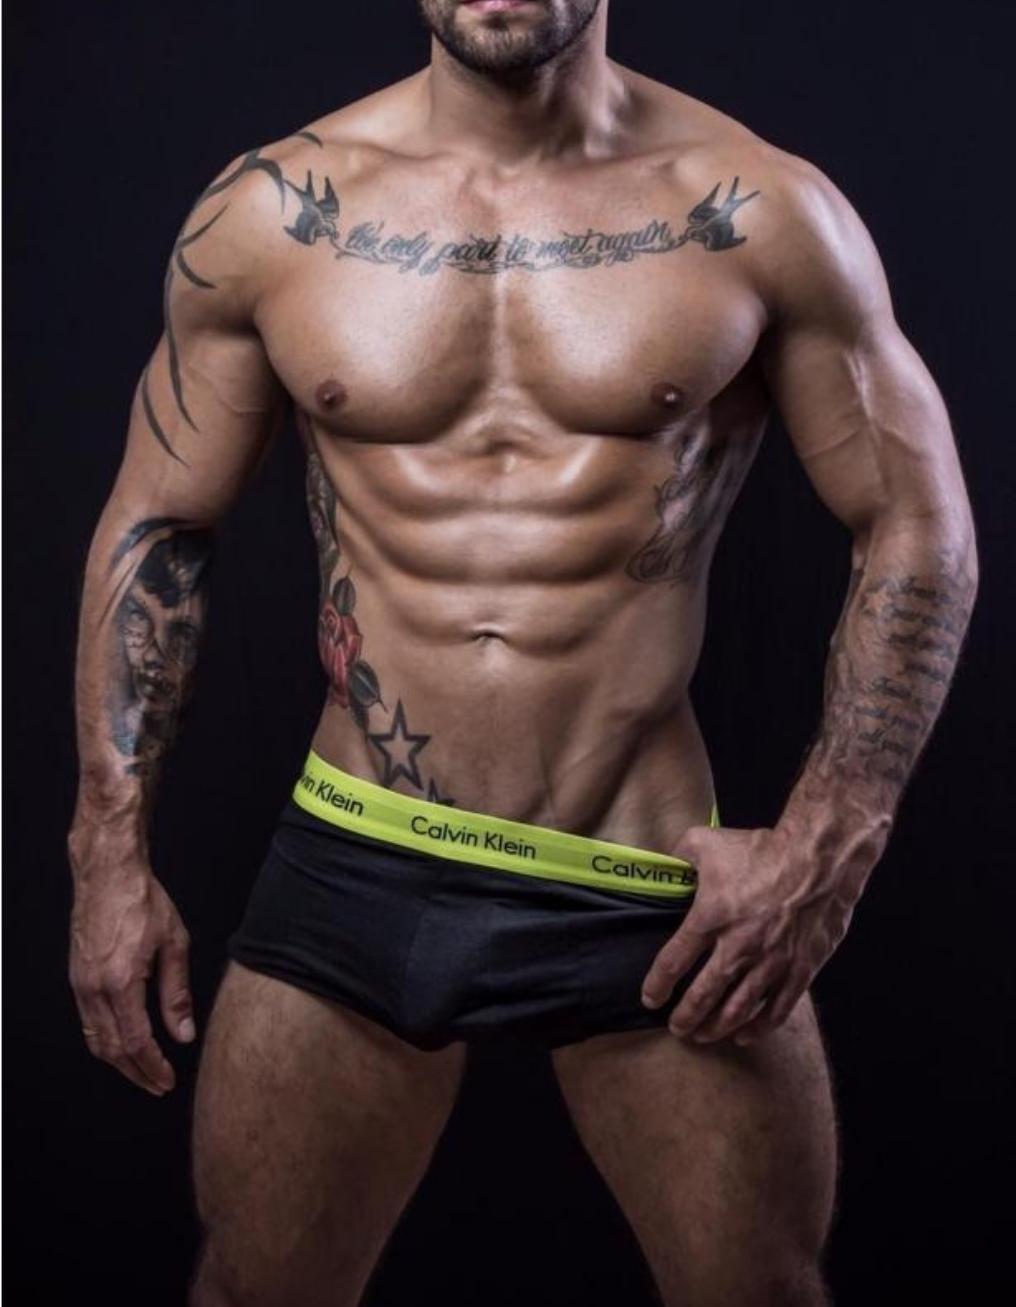 muscular mixed race man wearing a jock strap standing